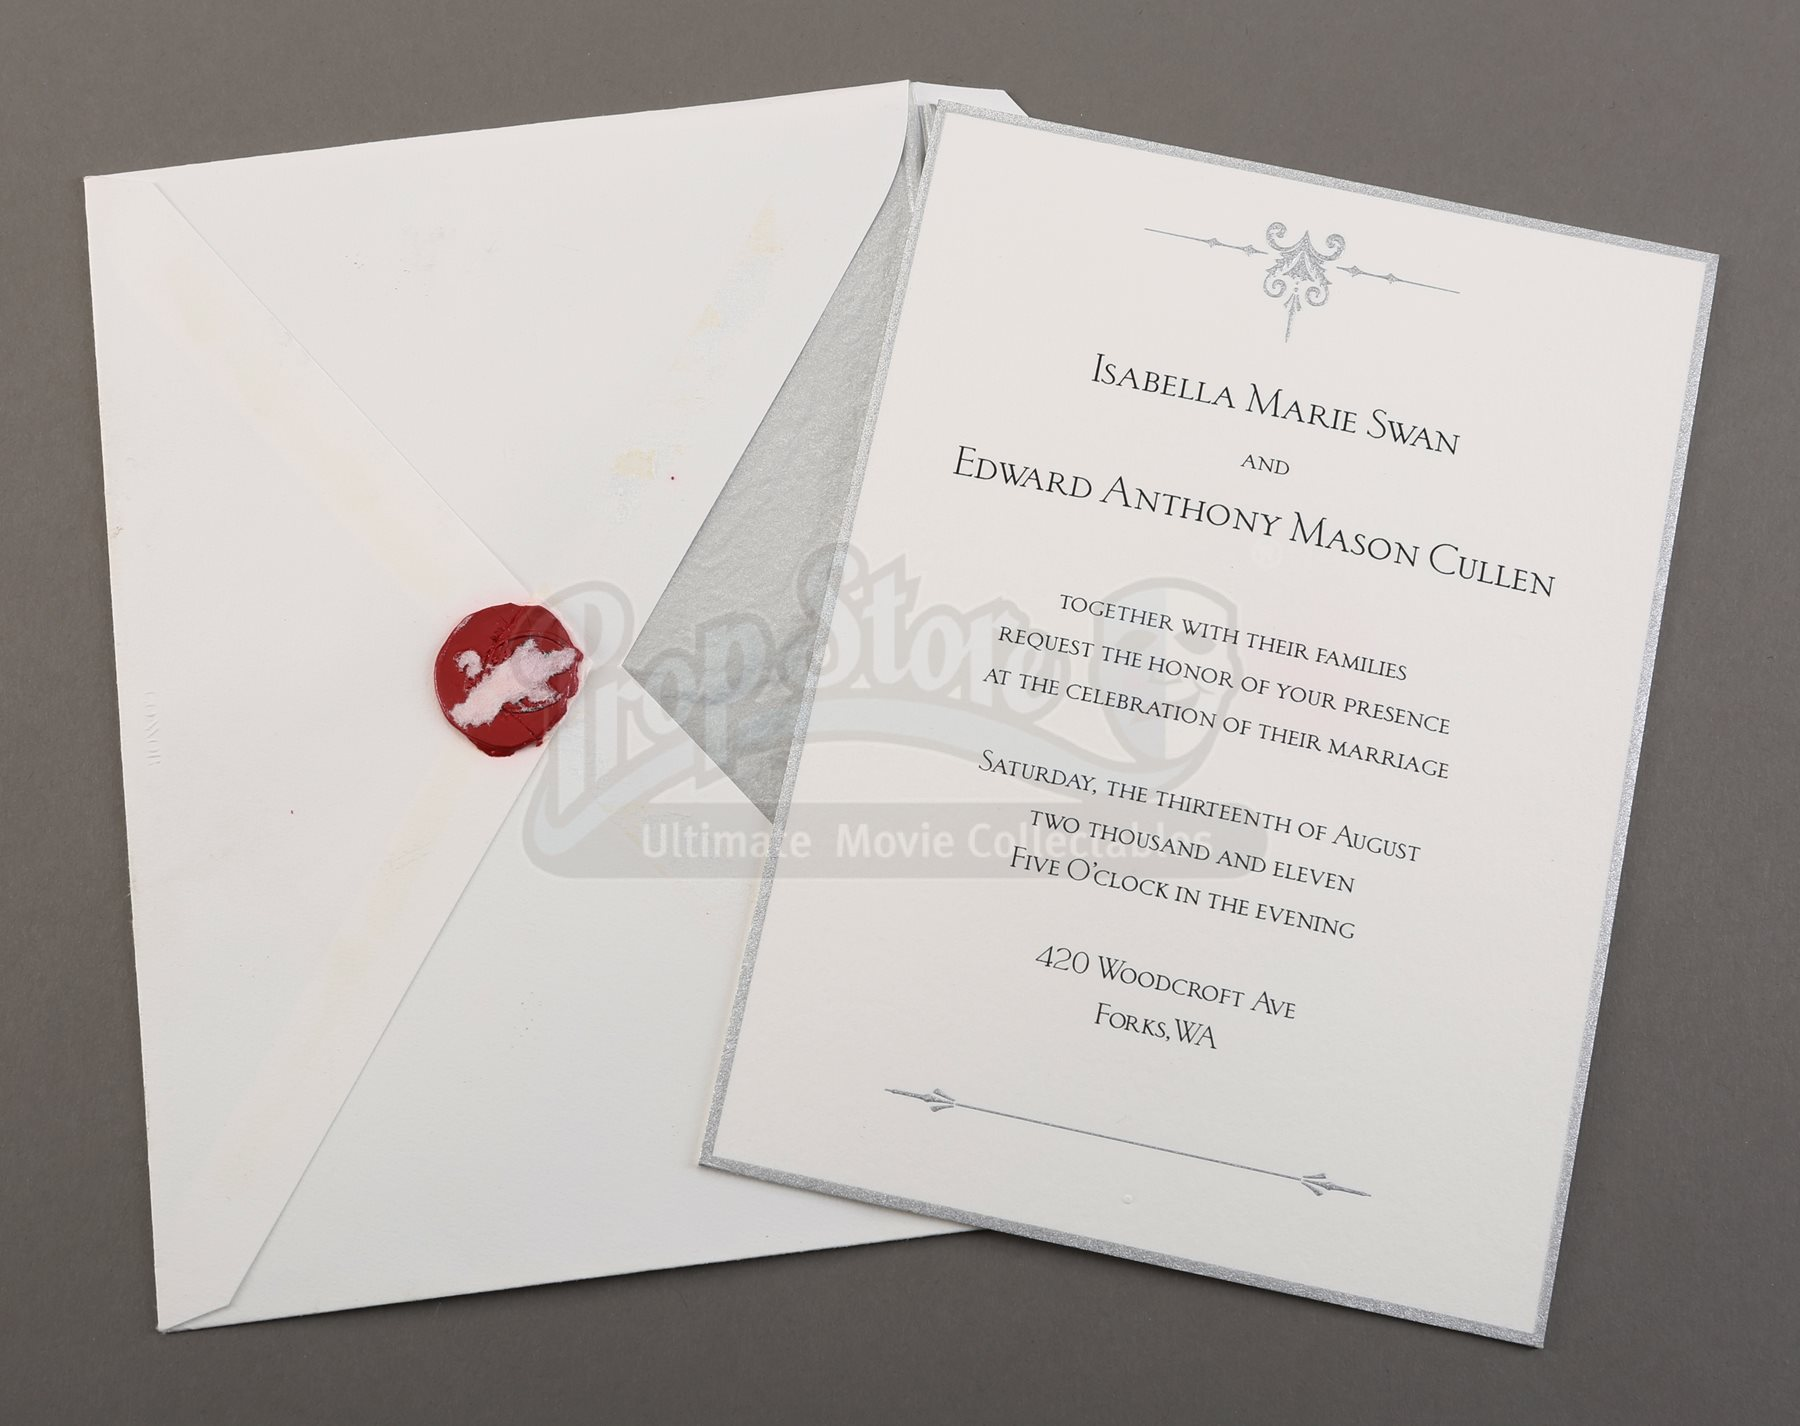 breaking wedding invitations - 28 images - and edward edward car ...